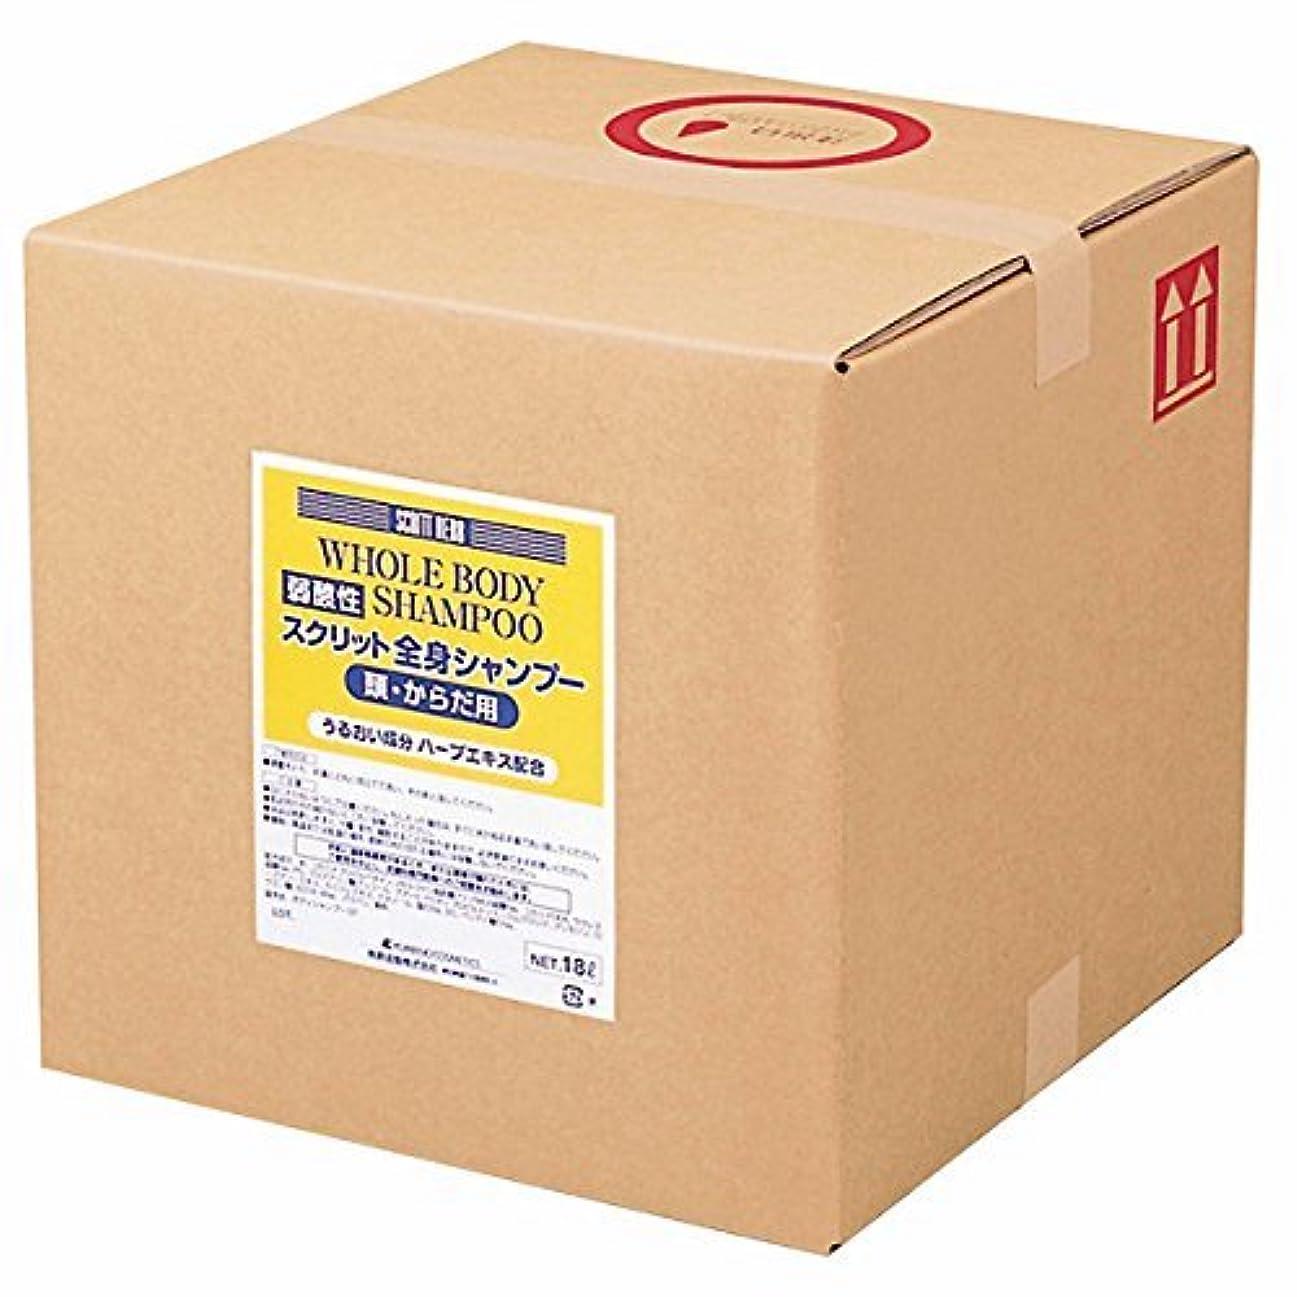 項目免除する蒸留熊野油脂 業務用 SCRITT(スクリット) 全身シャンプー 18L